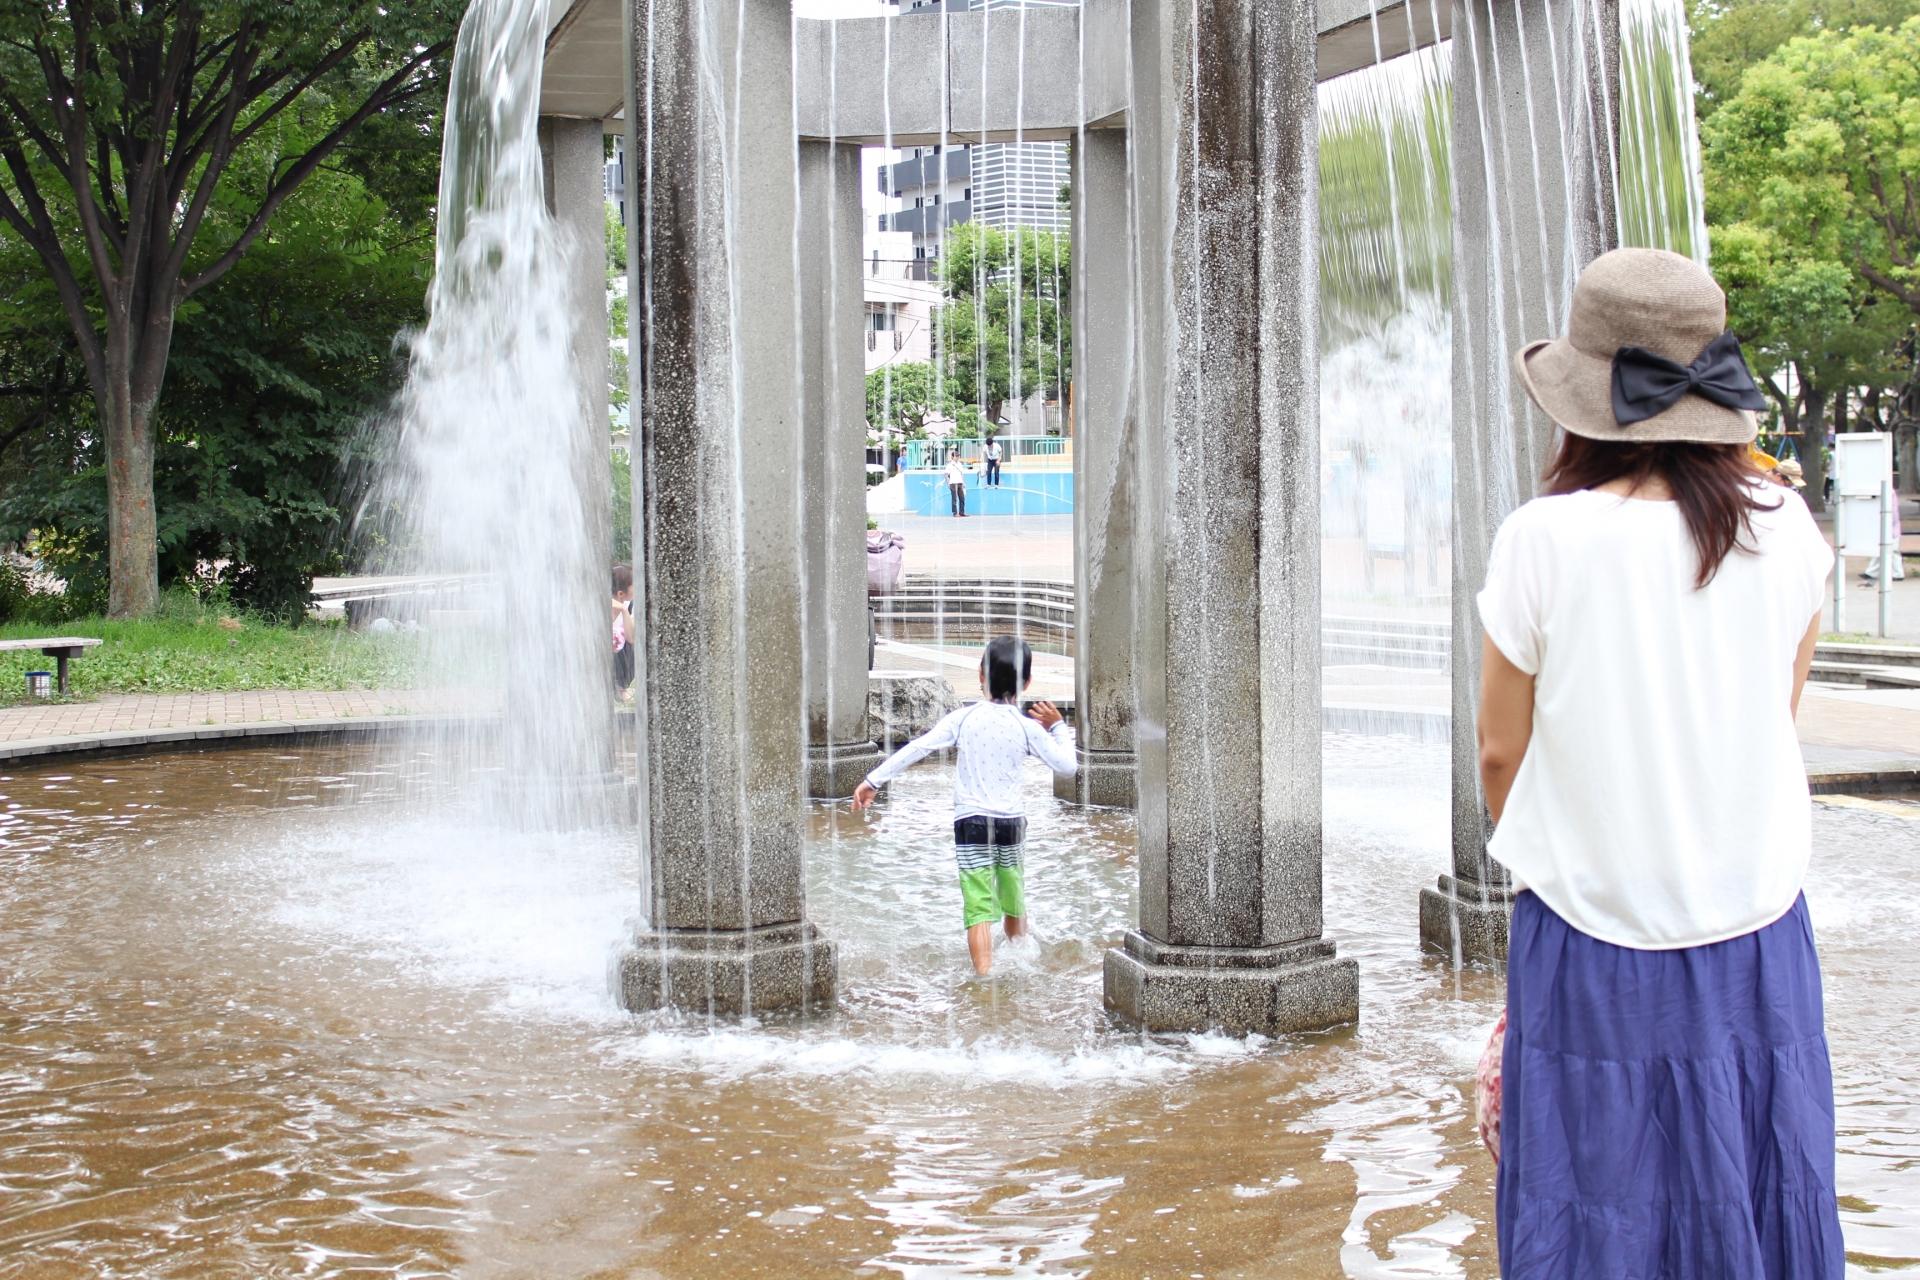 子どもの水遊びに付き合うママの服装は?ママ用品は何を持っていくべき?